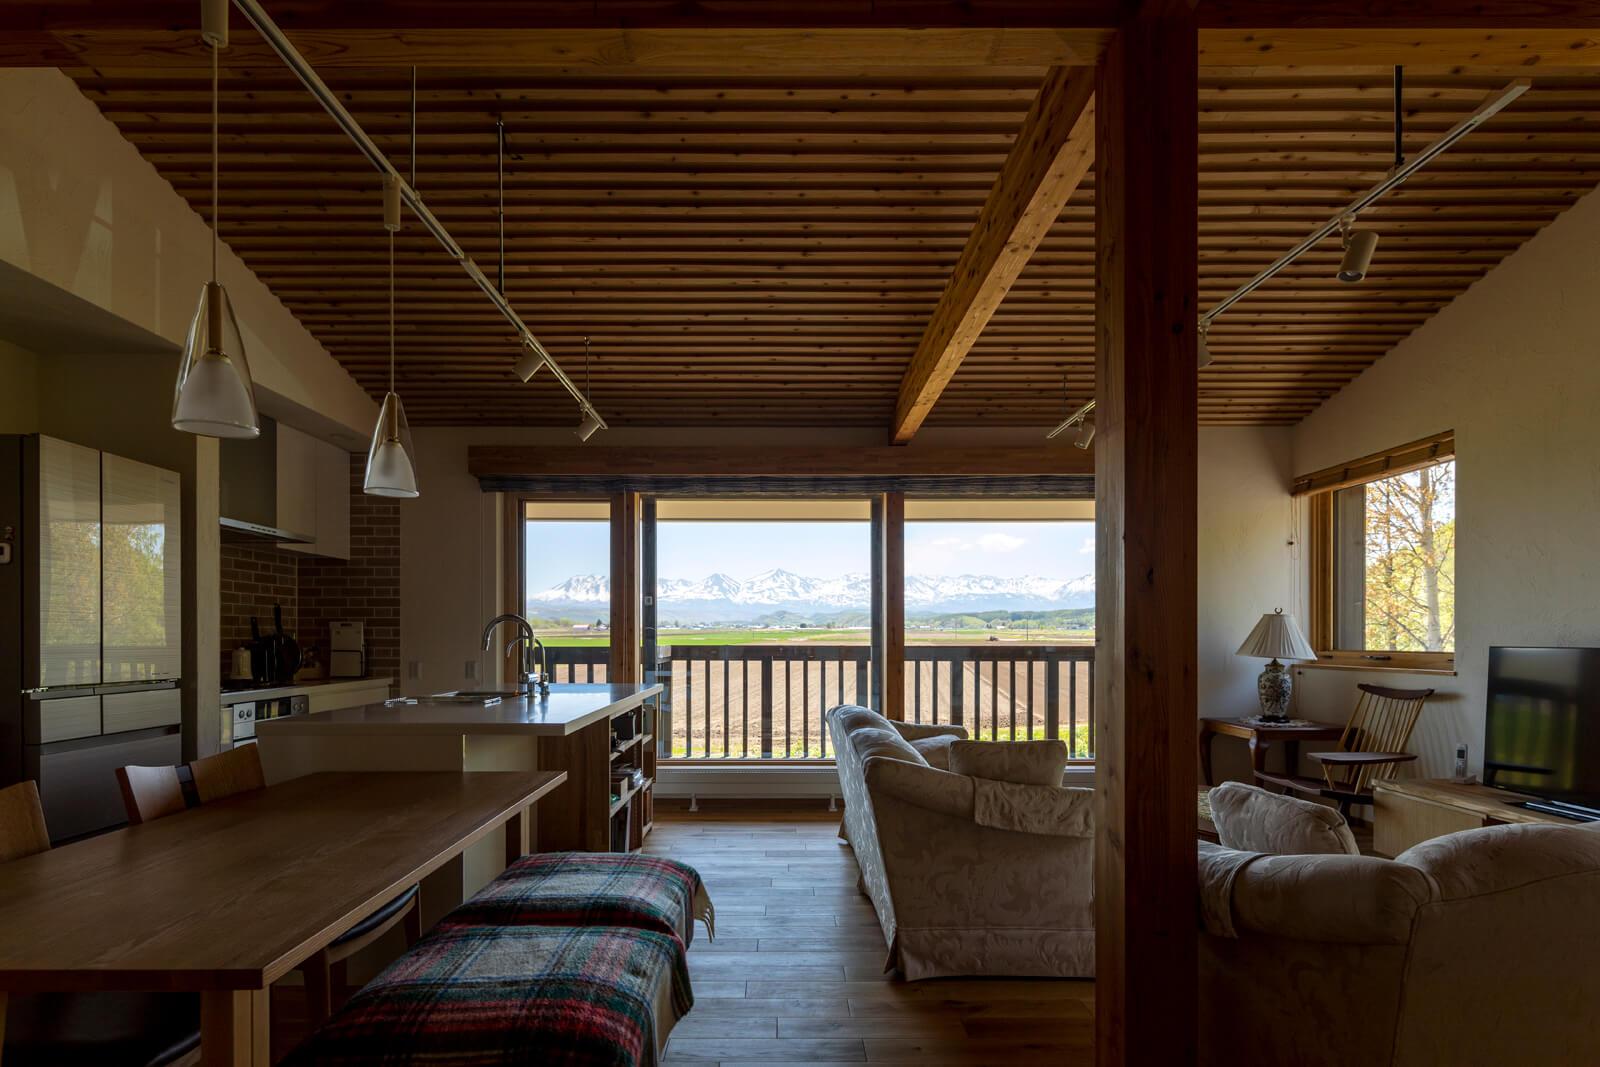 オープンなLDKは、Aさんが望んだ「山とともに暮らす家」のシンボル的空間。眺望がより優れた2階に生活の中心をおいた理由もここにある